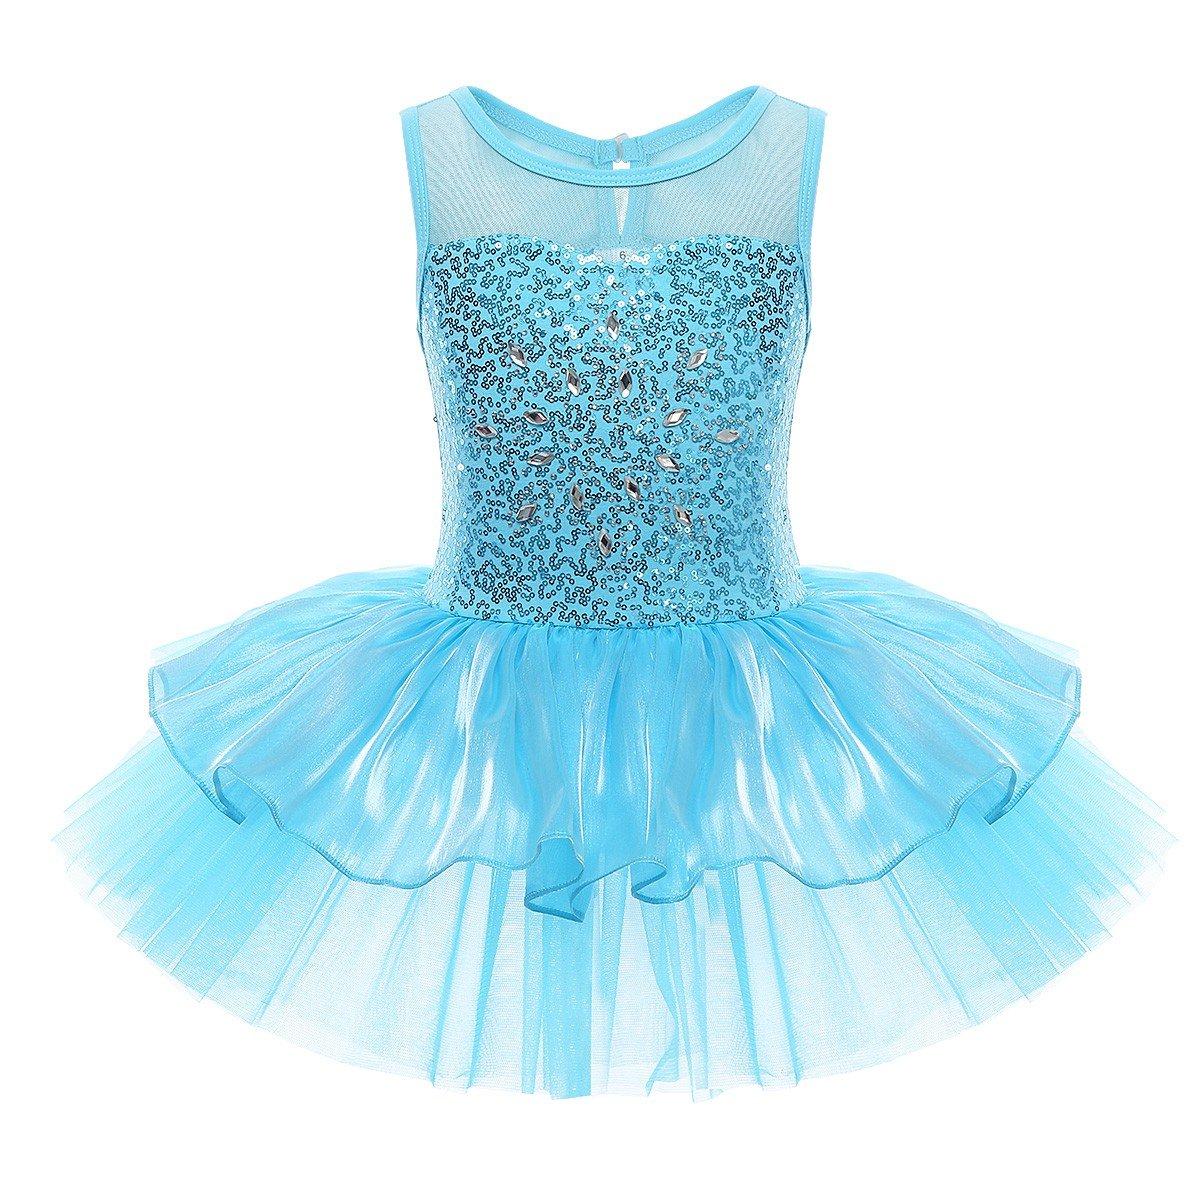 Freebily Kinder Ballettkleid ärmellos Ballettanzug Mädchen Pailletten Ballett Trikot Kostüm Tutu Kleid Turnanzug Tanz-Body mit Tütü Rock in Gr. 98-140